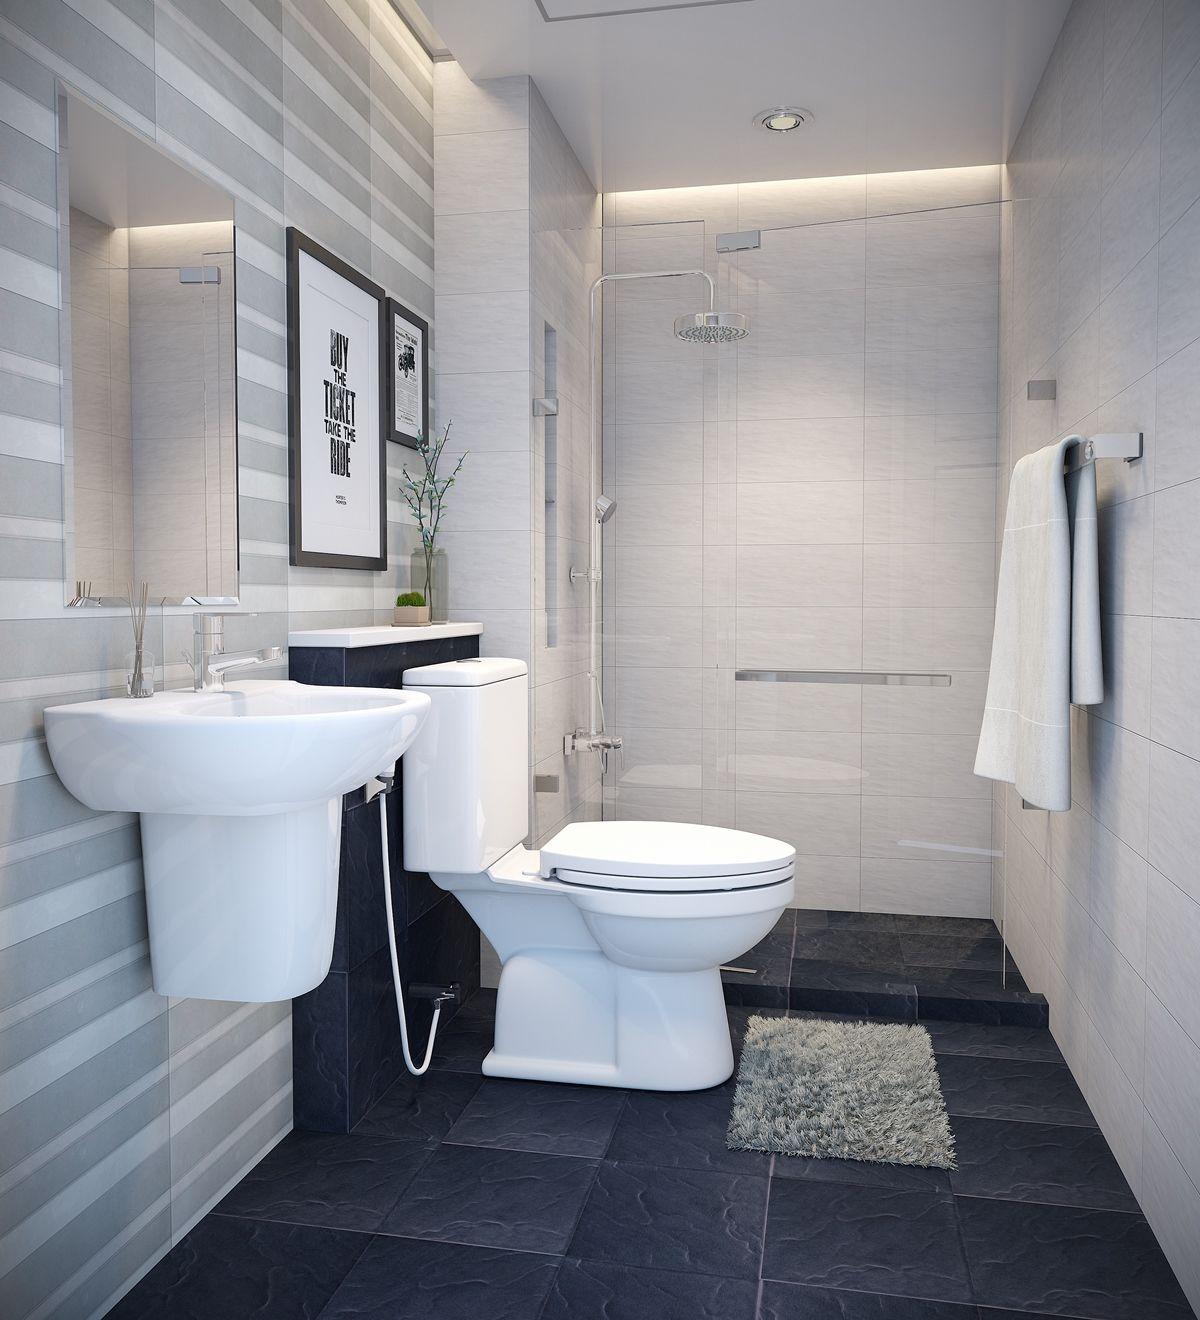 mẫu phòng tắm nhỏ đẹp, sang trọng hiện đại